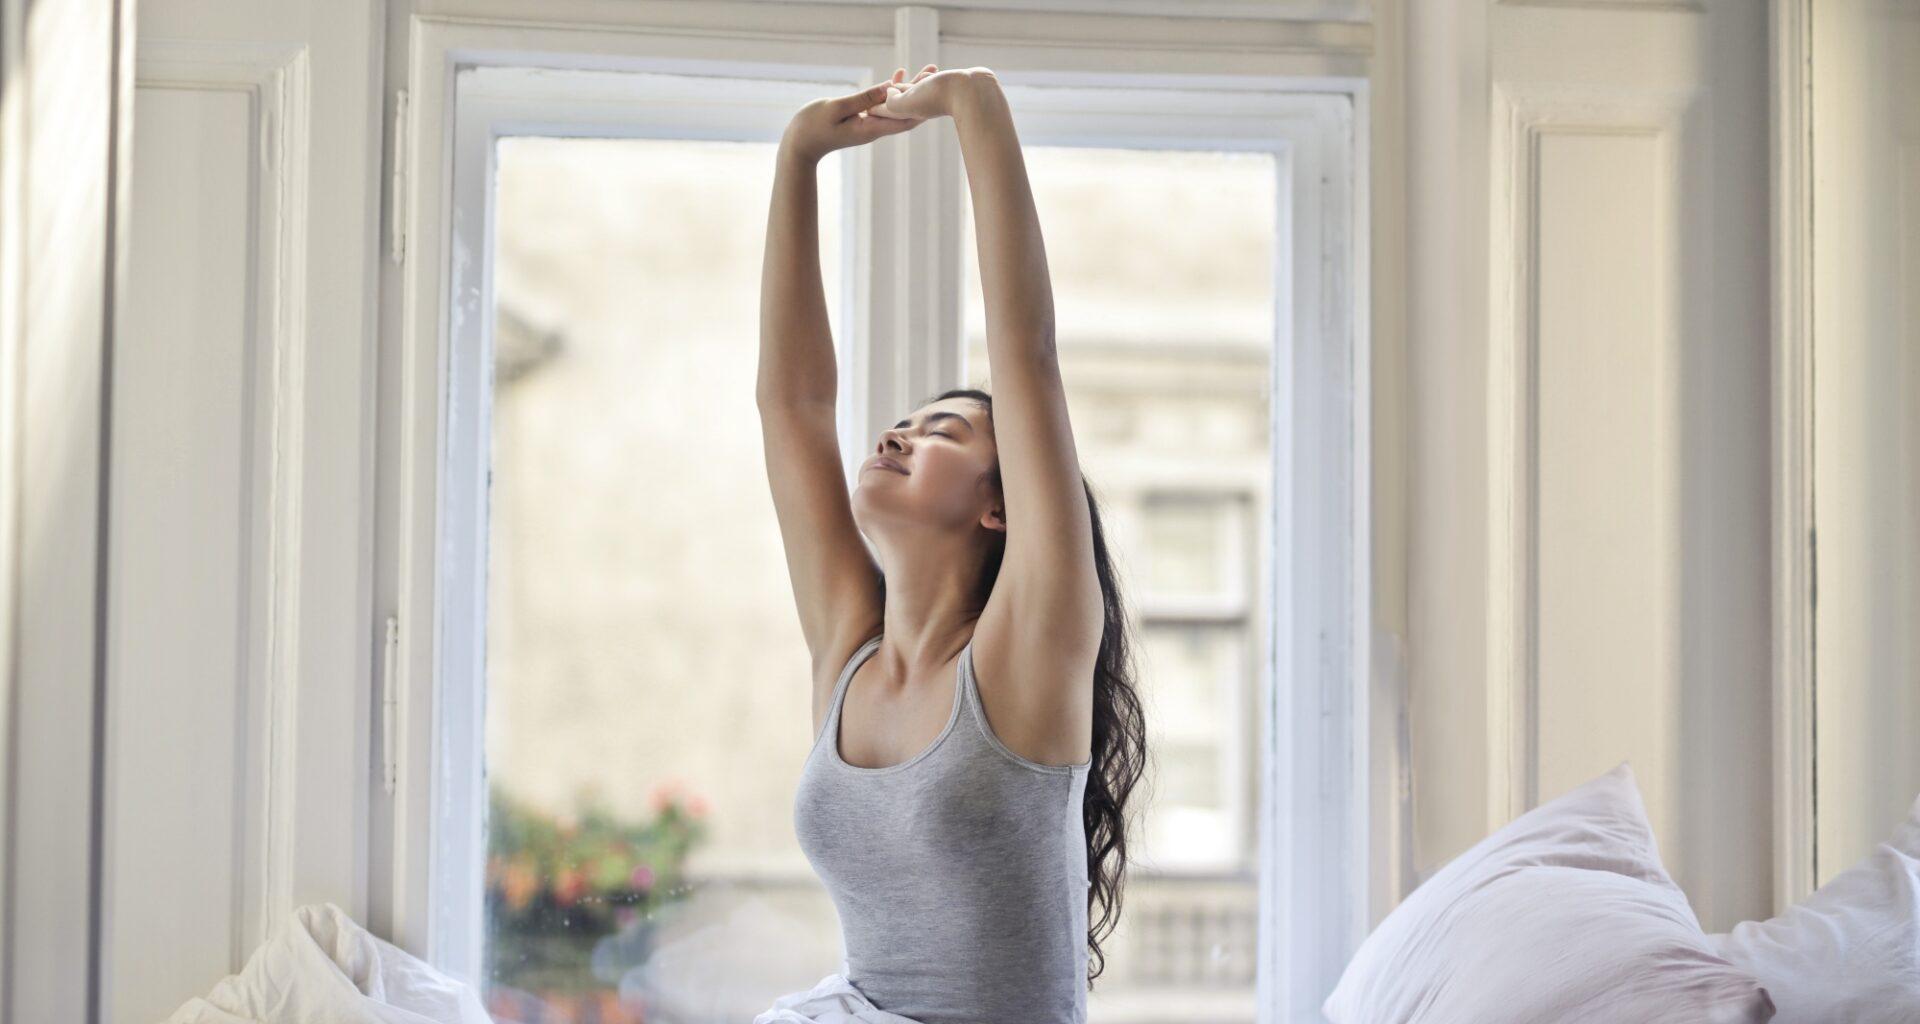 mujer vestida de gris estira los brazos sobre su cabeza mientras está sentada en su cama